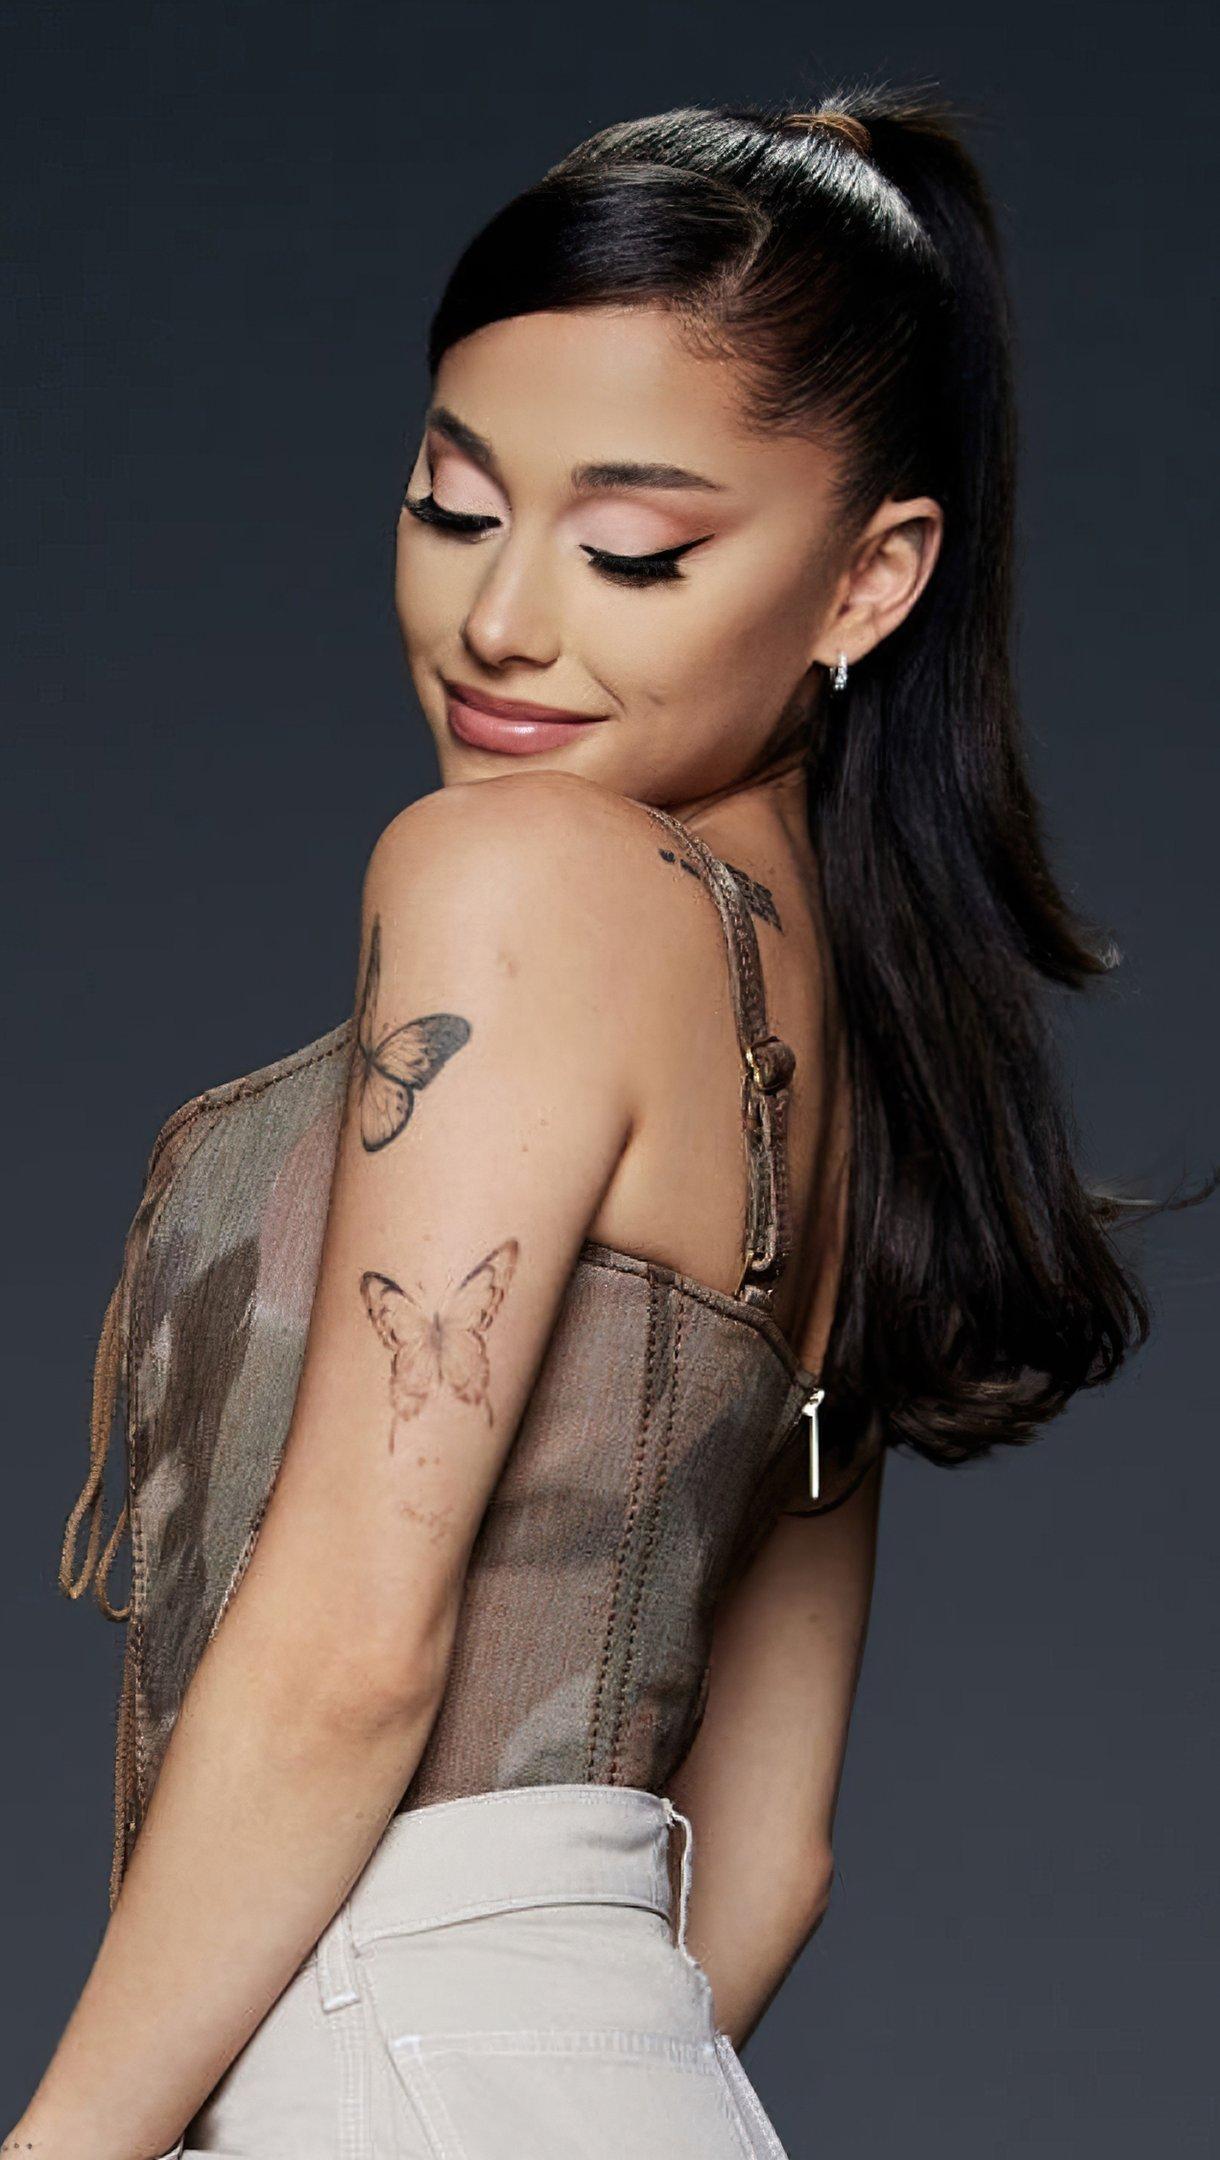 Fondos de pantalla Ariana Grande The voice Temporada 21 Vertical